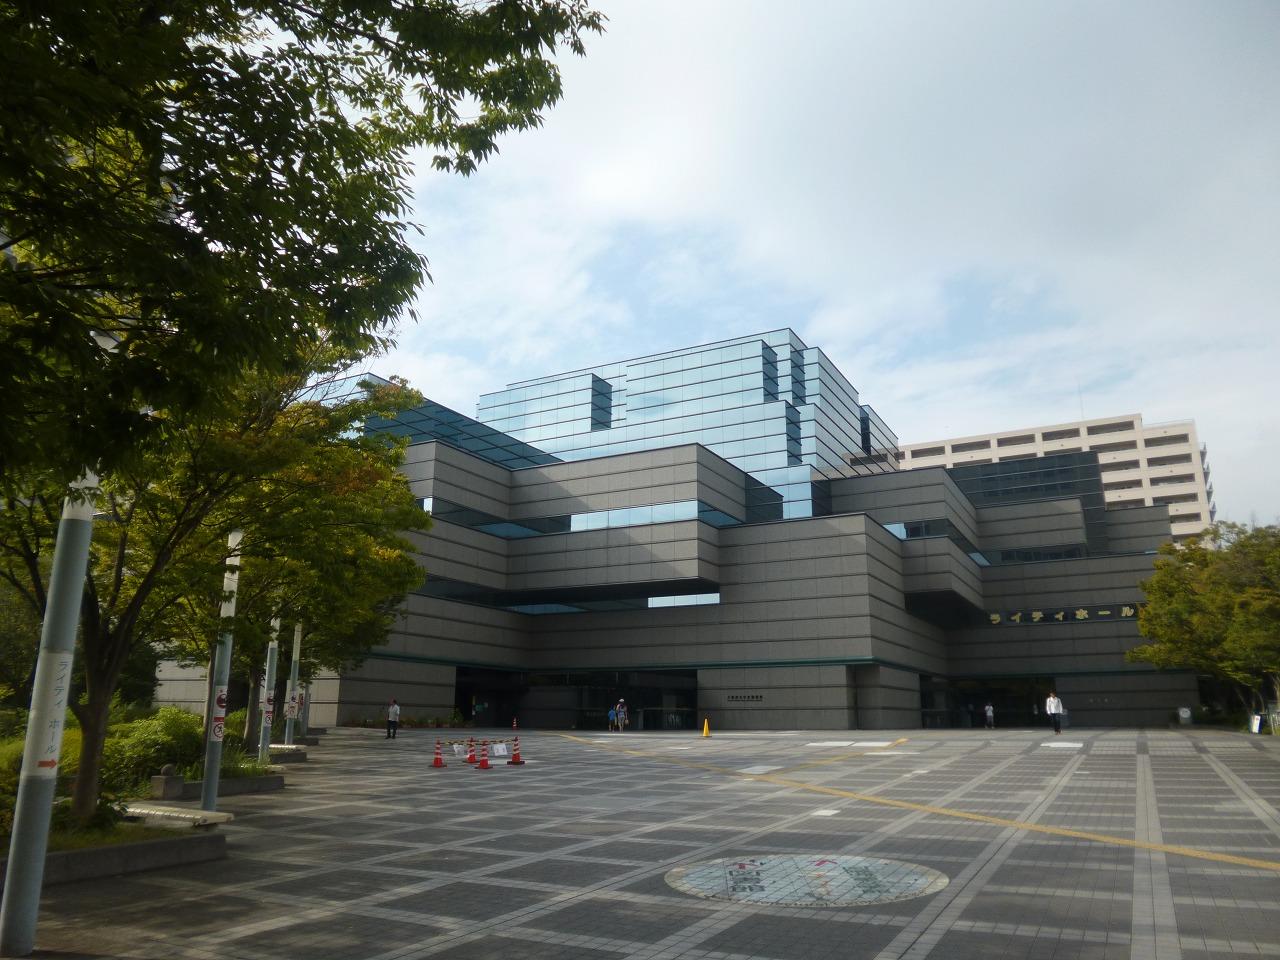 図書館:大阪府立中央図書館 853m